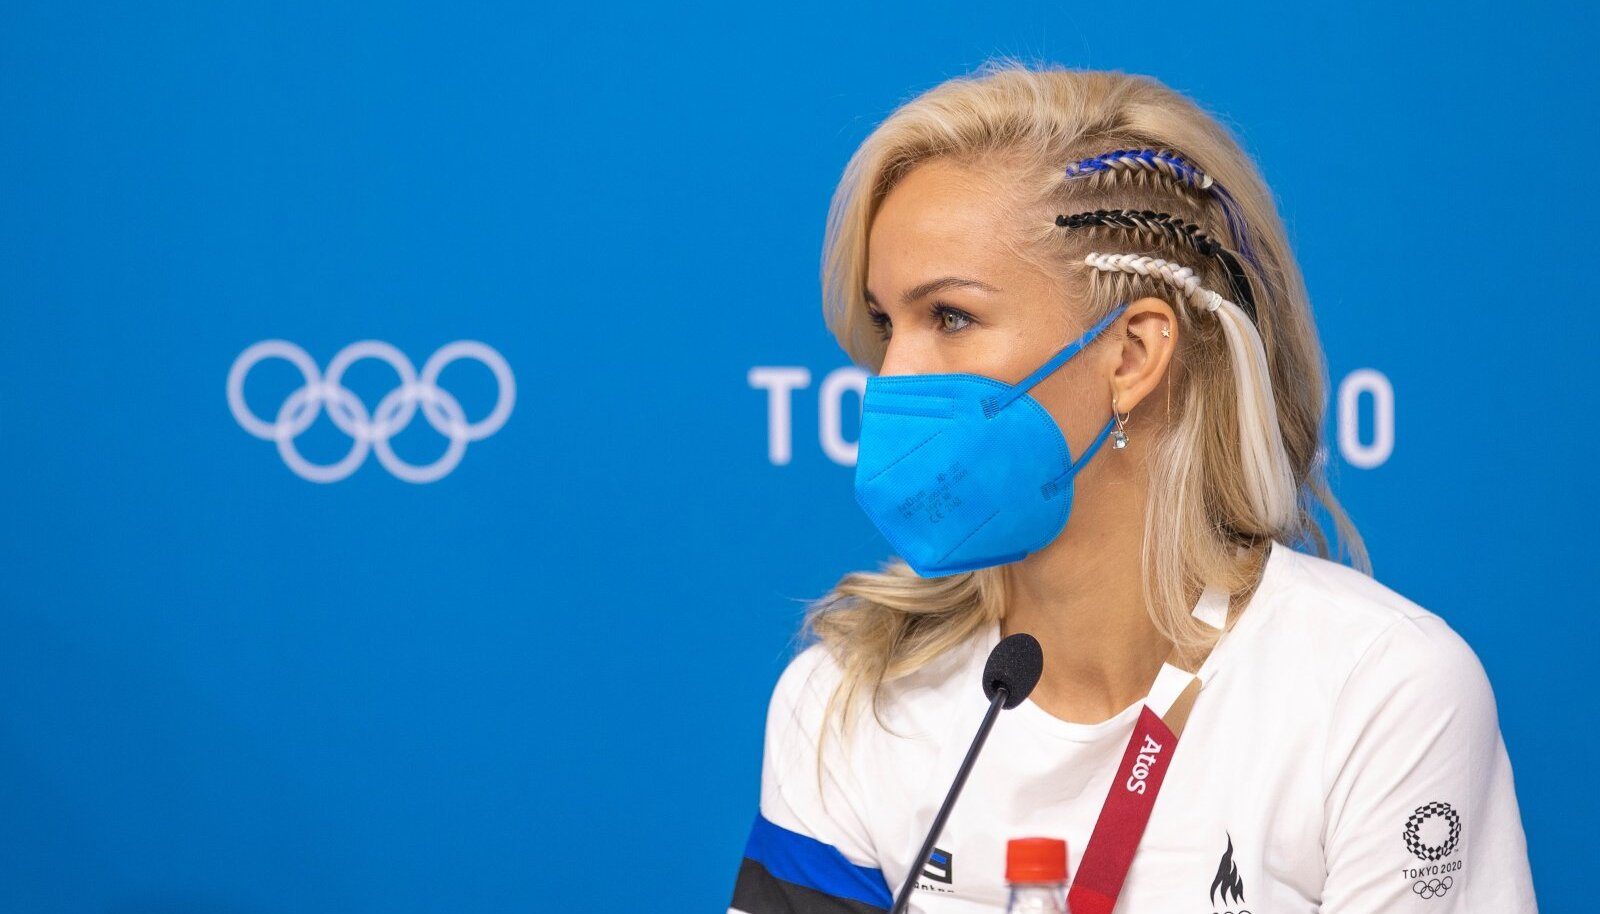 Vehkleja Erika Kirpu säras Tokyo olümpia pressikonverentsil sinimustvalgete patsidega.